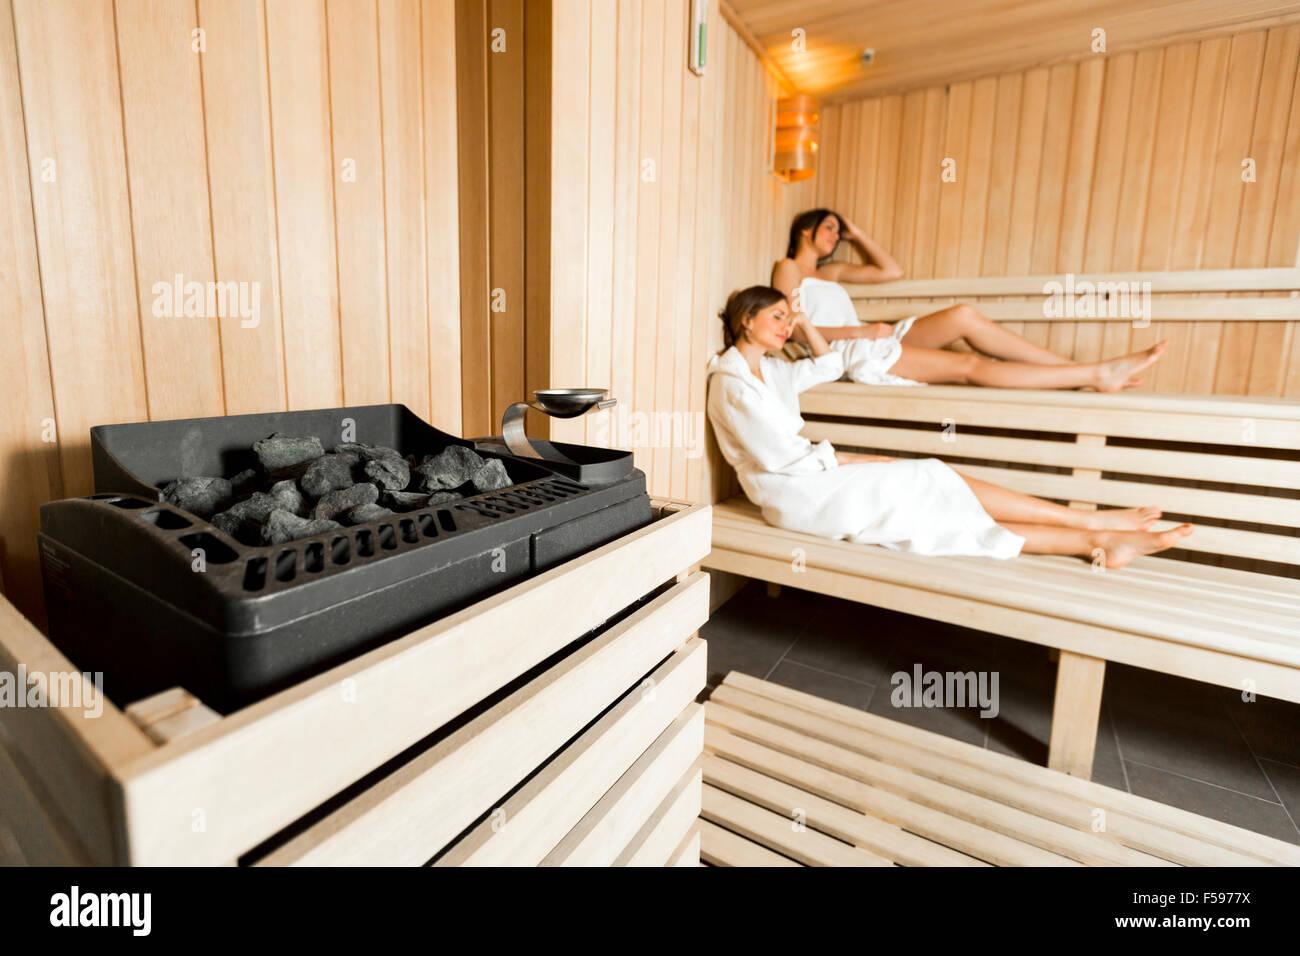 Sauna riscaldatore in un accogliente sauna e ragazze rilassante in background Foto Stock